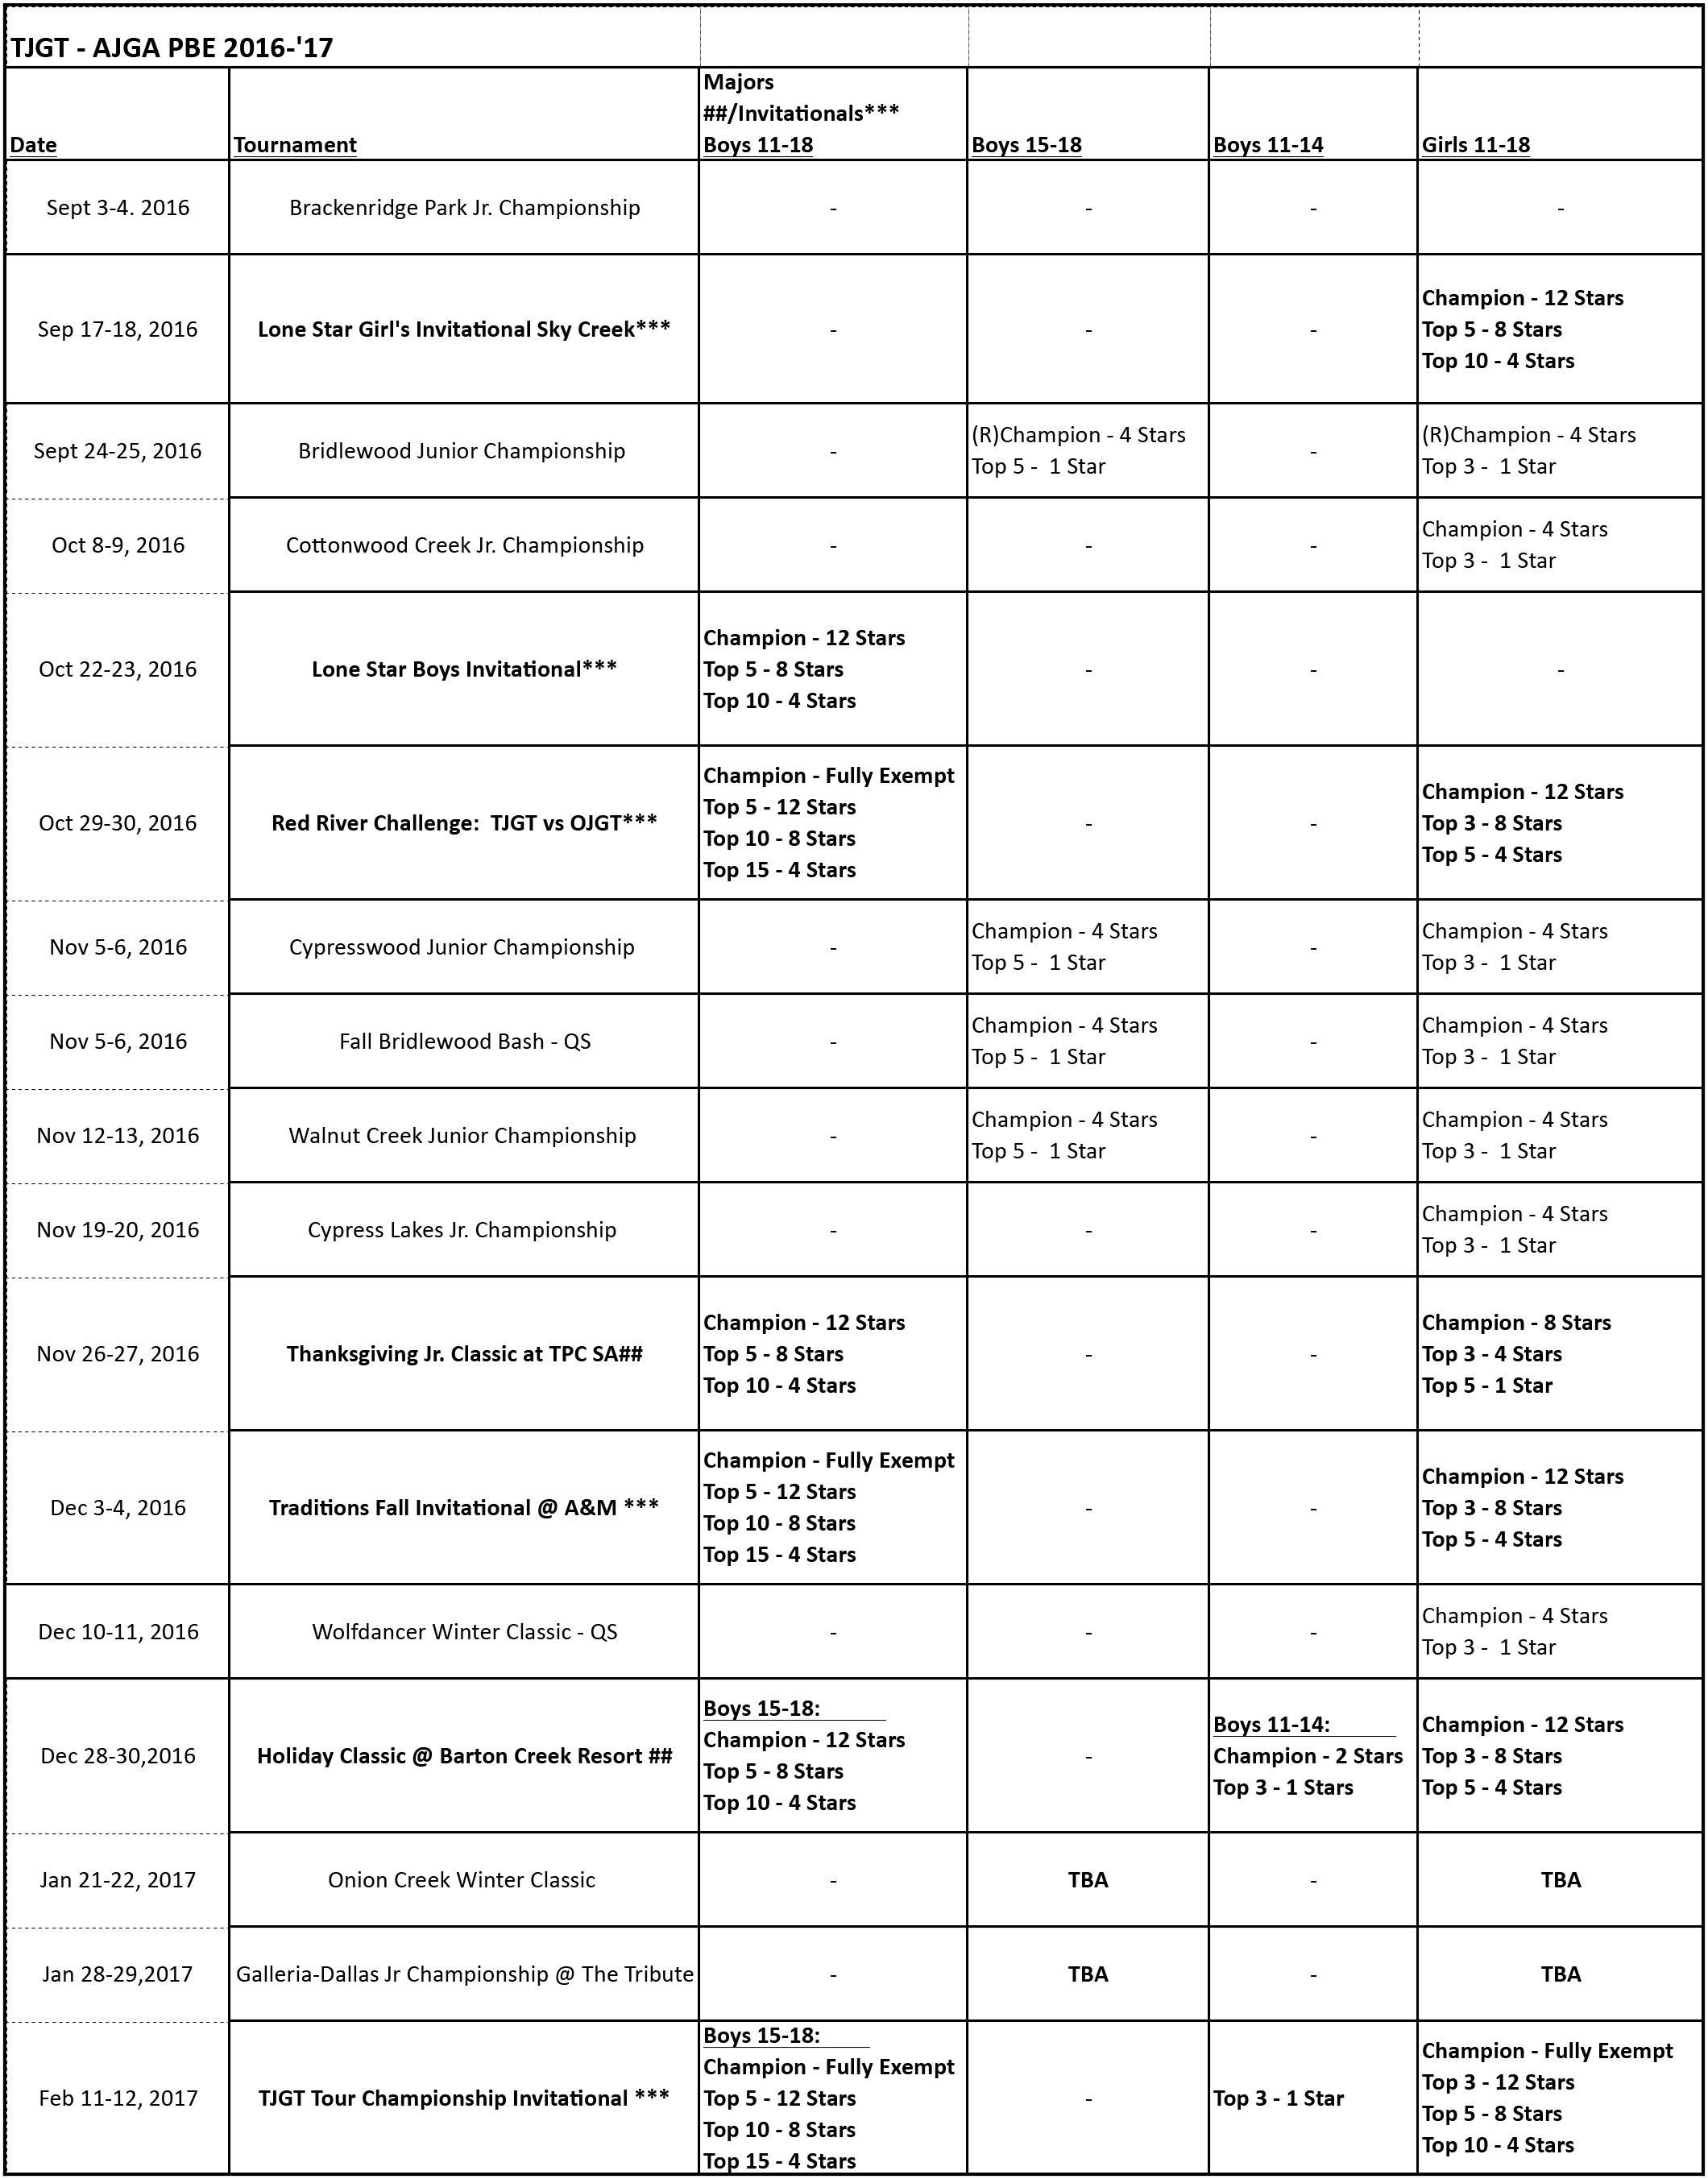 TJGT - AJGA PBE chart 2015-16 TJGT PBE 2015-'16